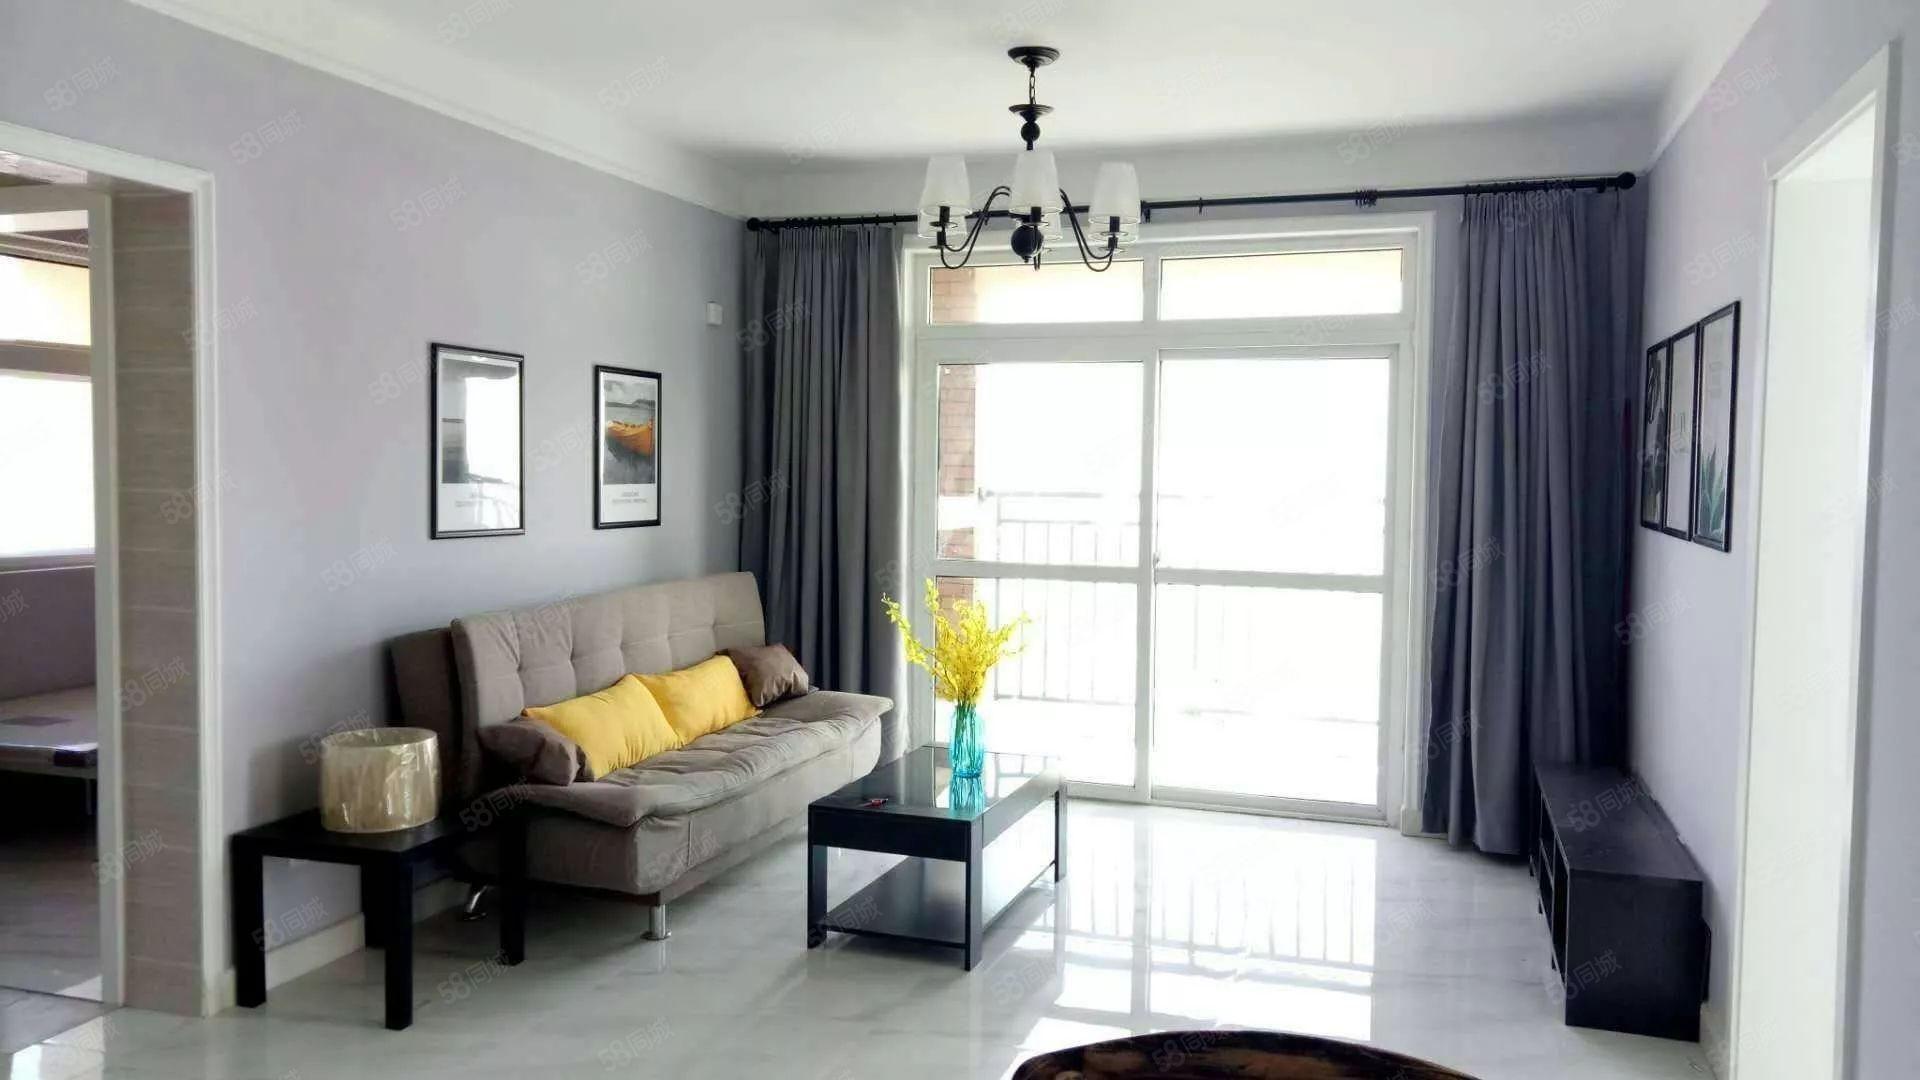 中建森林上郡三室一厅豪华装修,月租1600.房子非常漂亮.